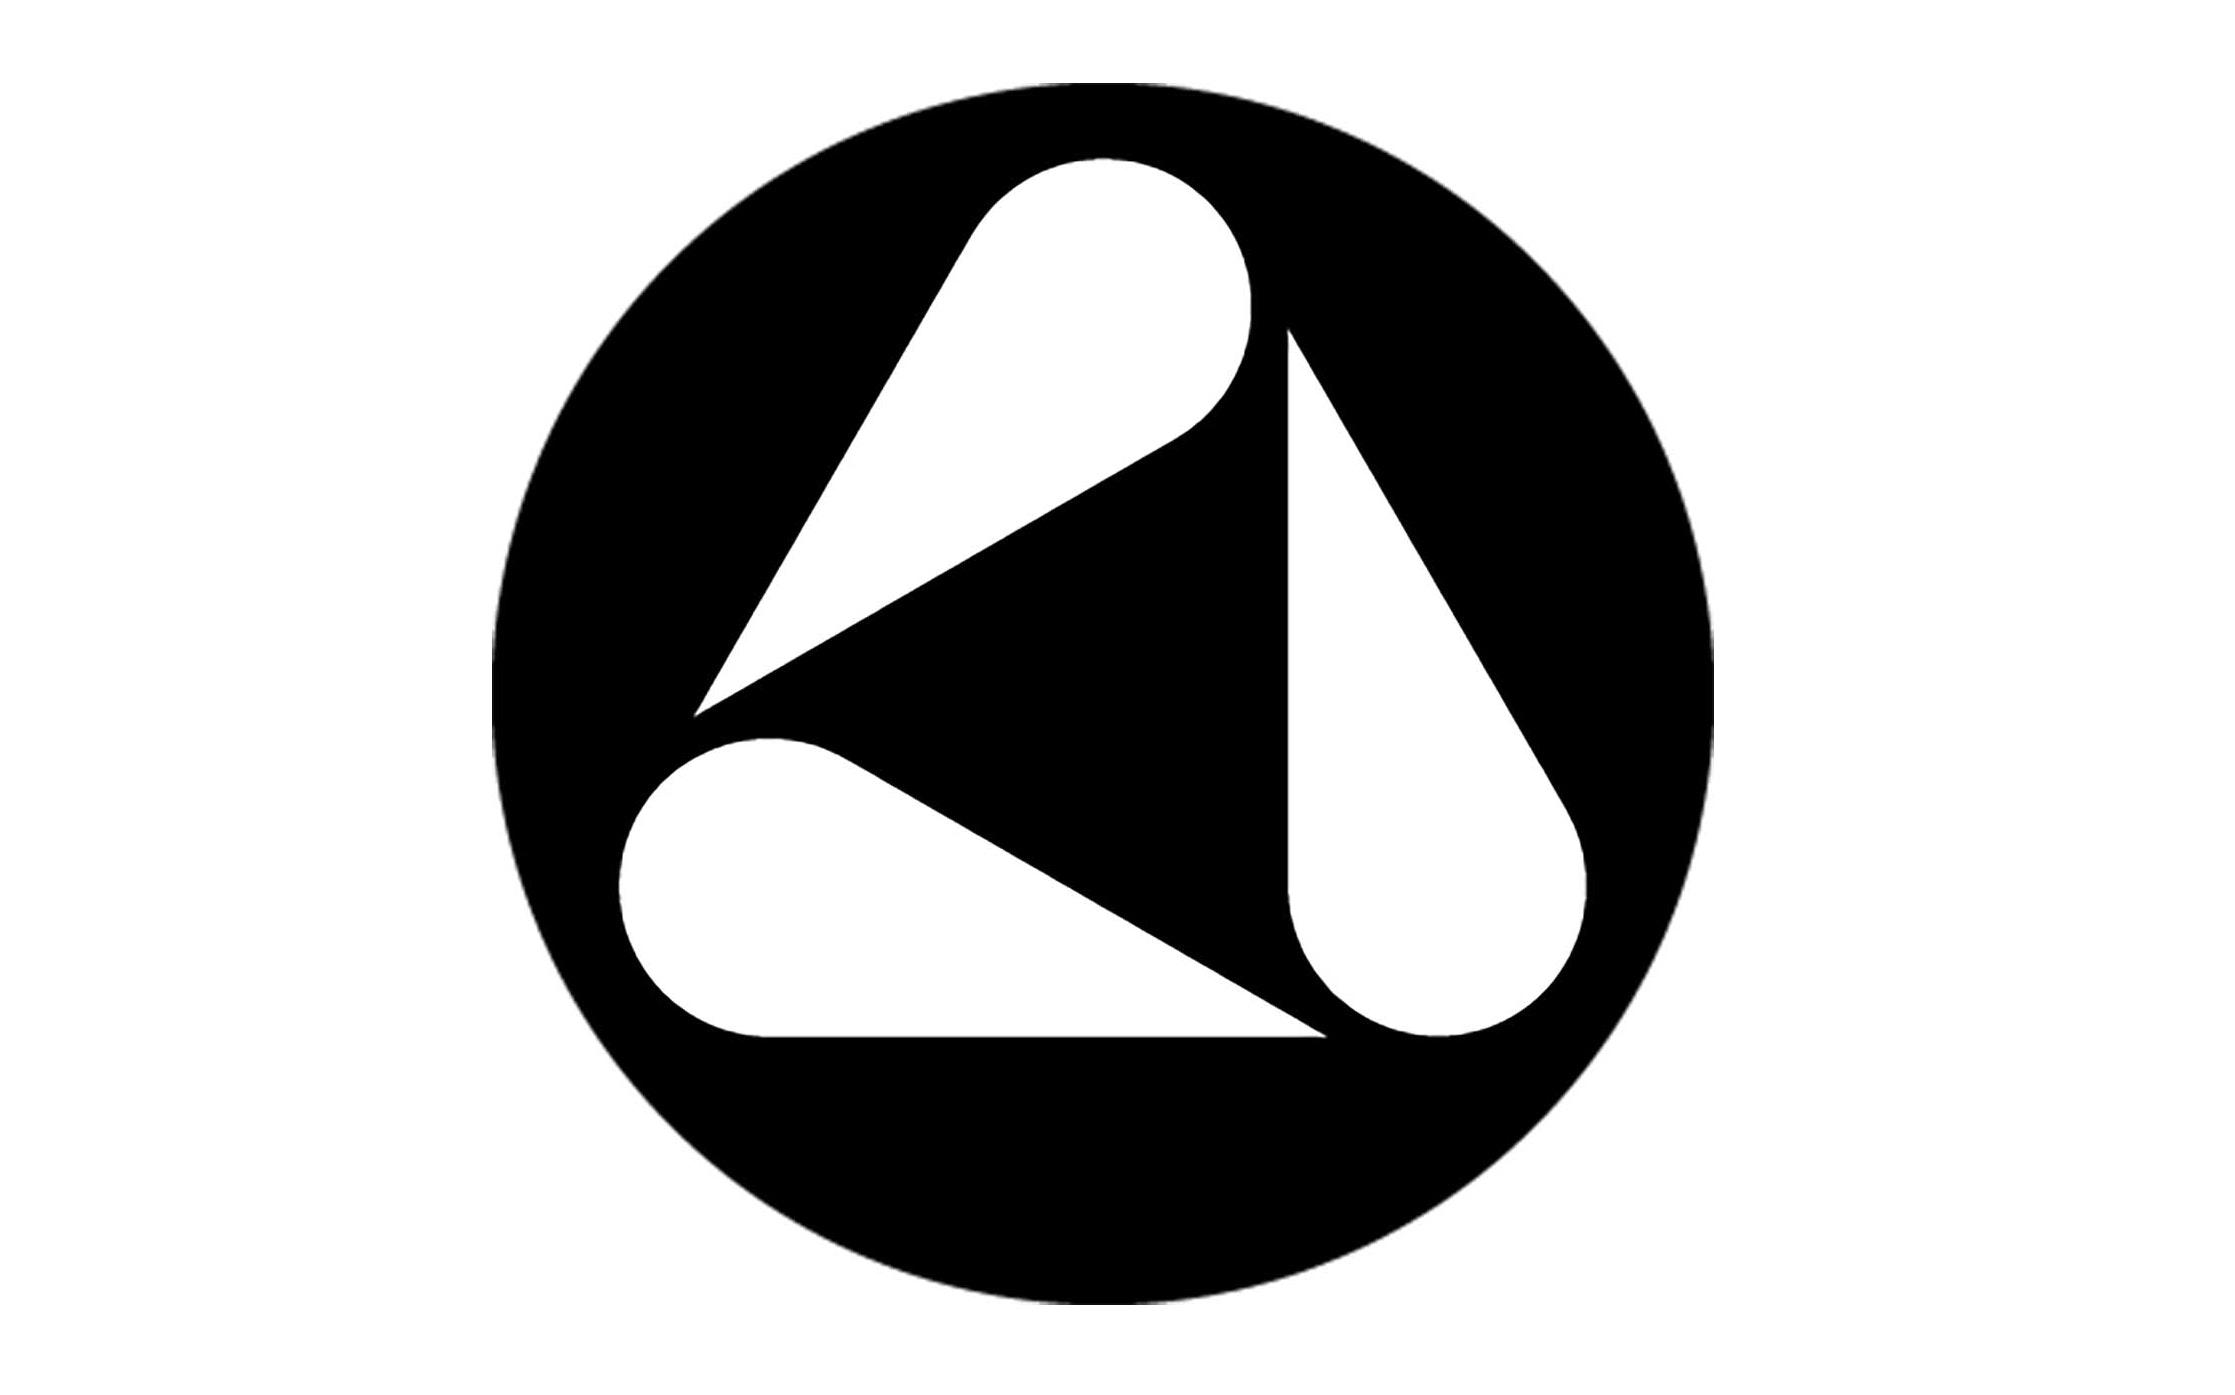 Delta Faucet Company Pentagram